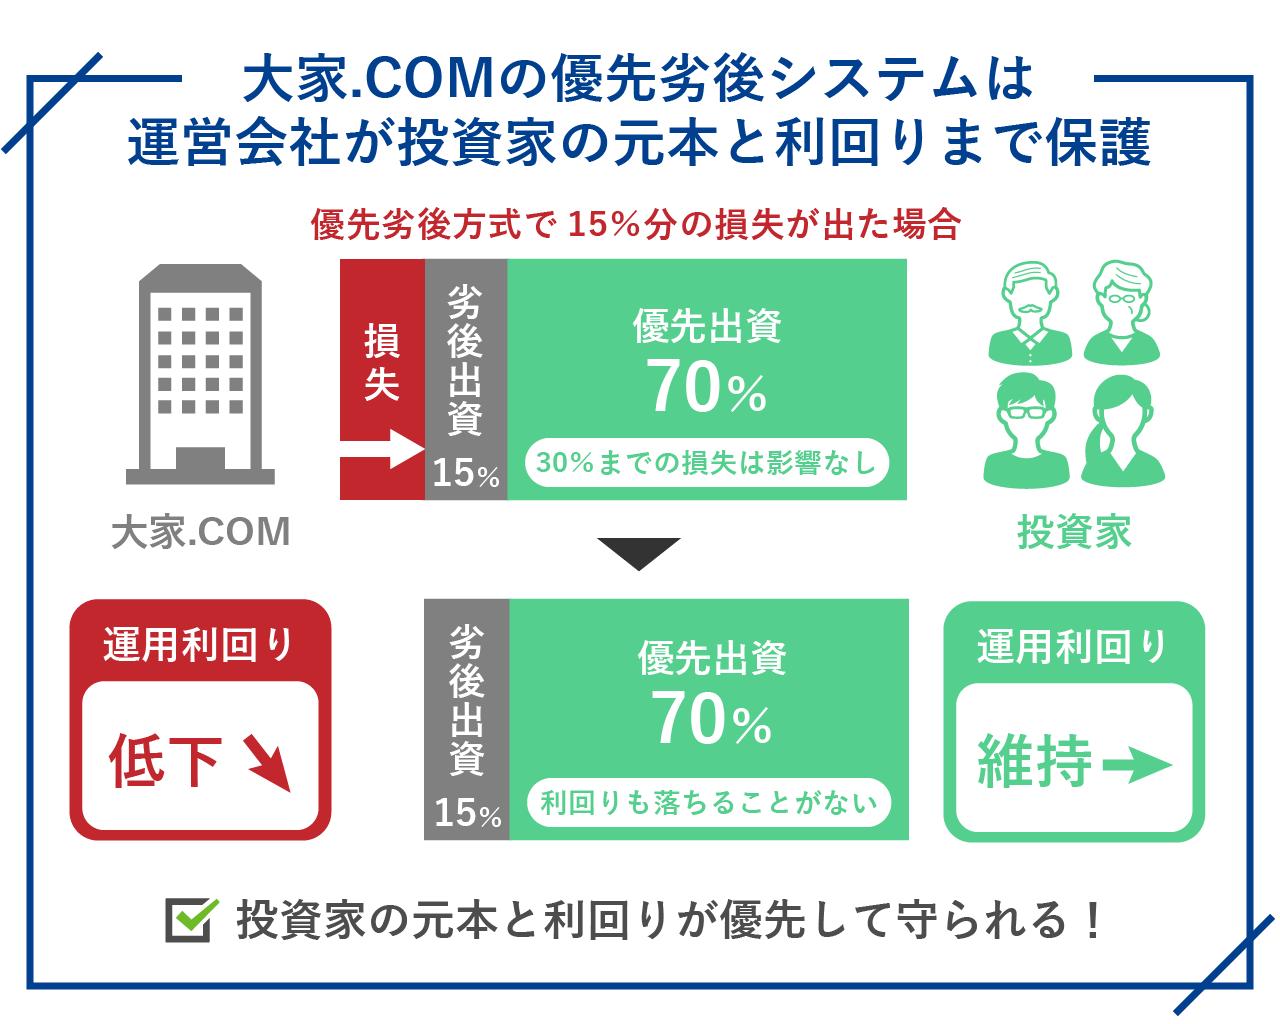 大家.COMの優先劣後システムは運営会社が投資家の元本と利回りまで保護